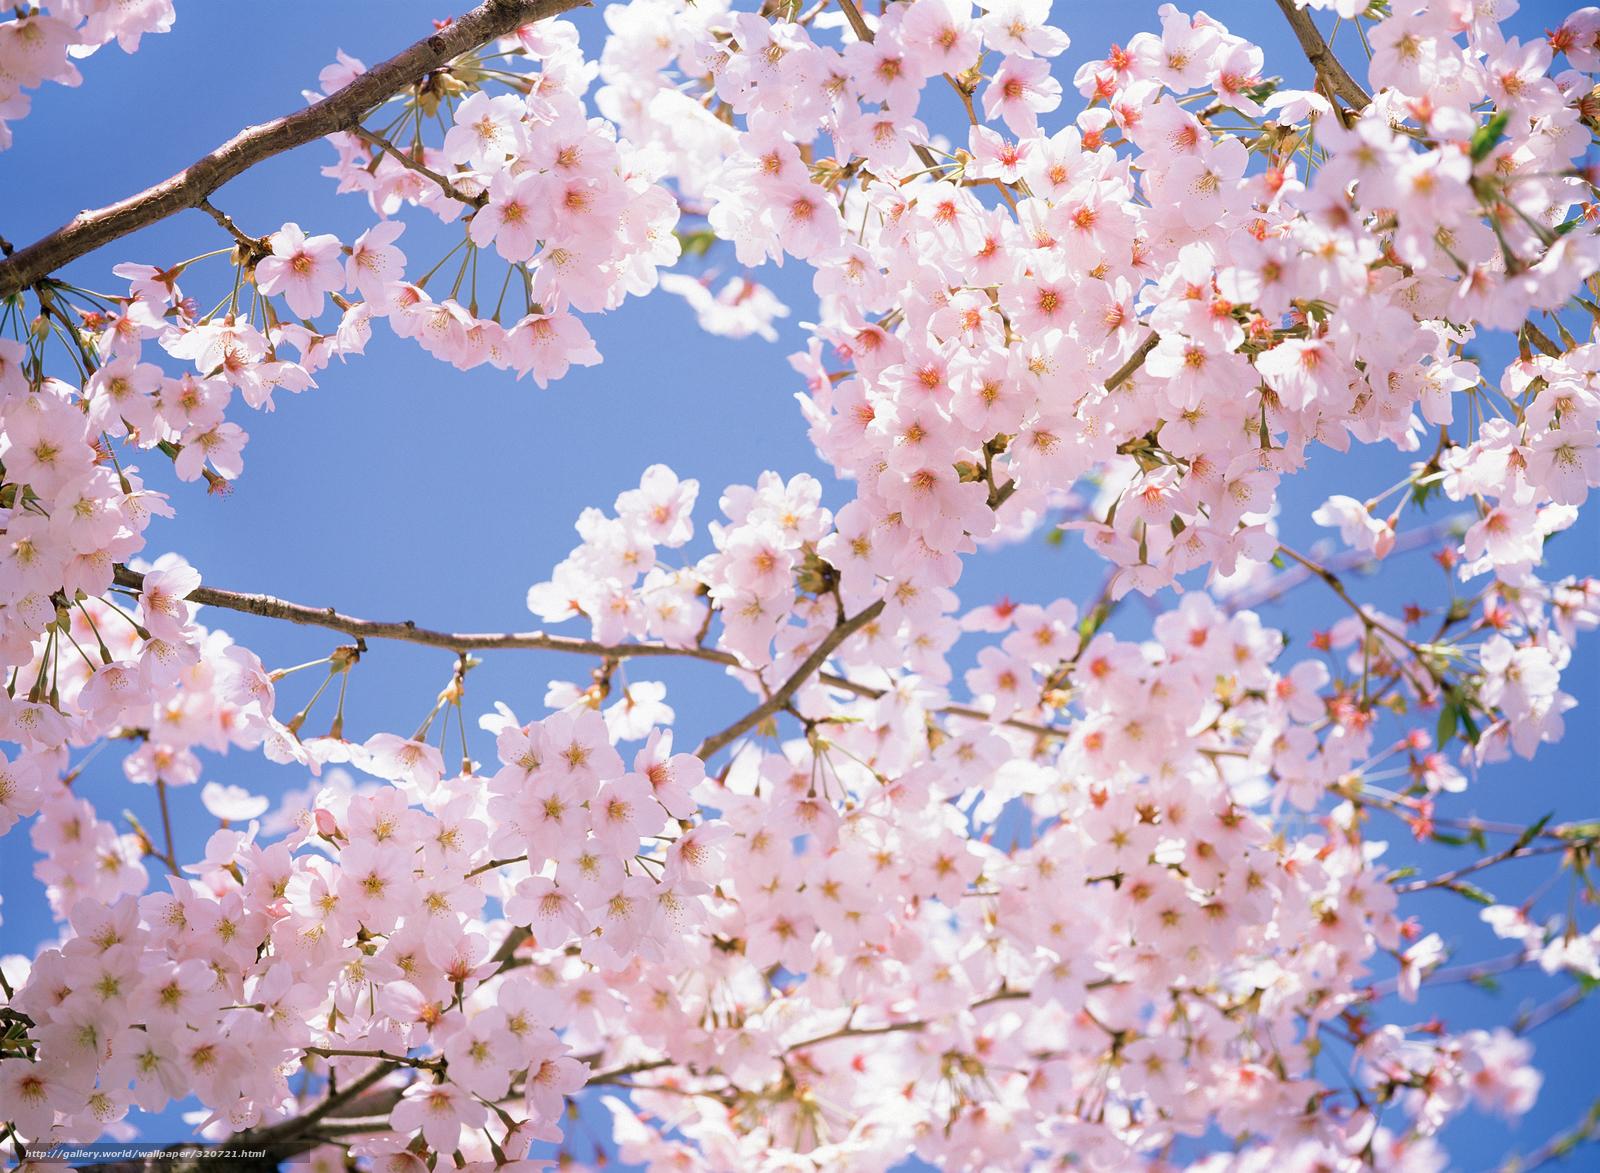 Tlcharger Fond D Ecran Japon Cerisiers En Fleurs Cerise Branche